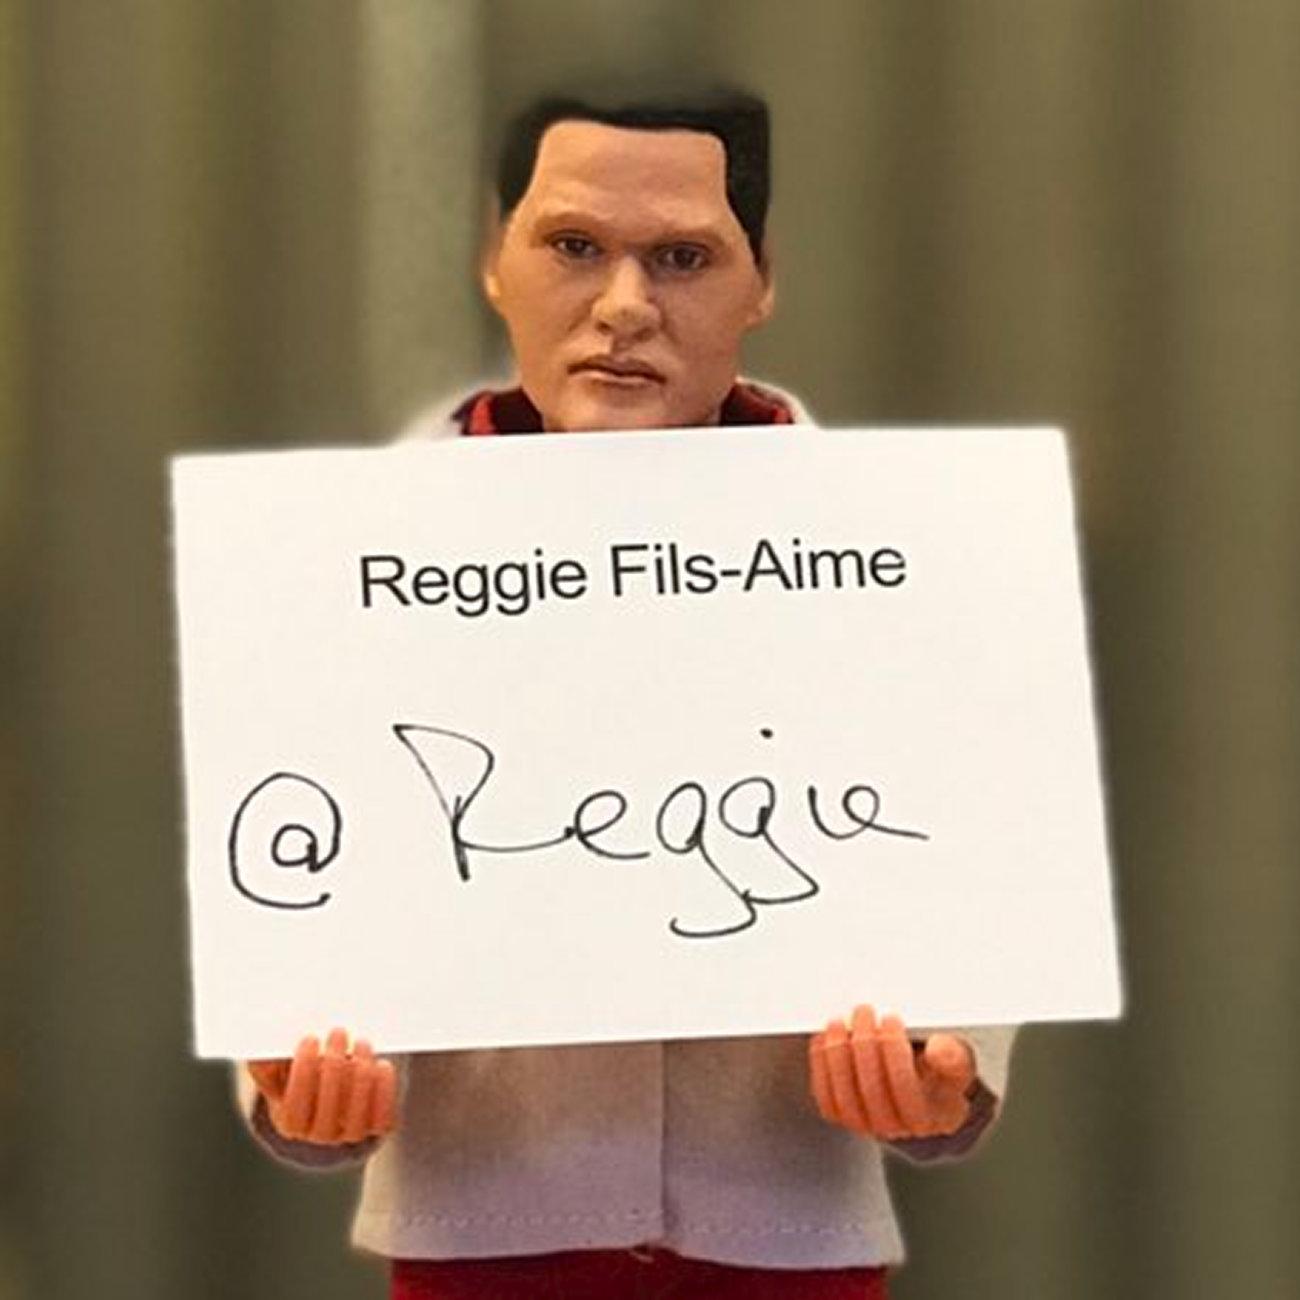 Reggie Fils-Aimeの正しい読み方 アメリカ任天堂の社長業